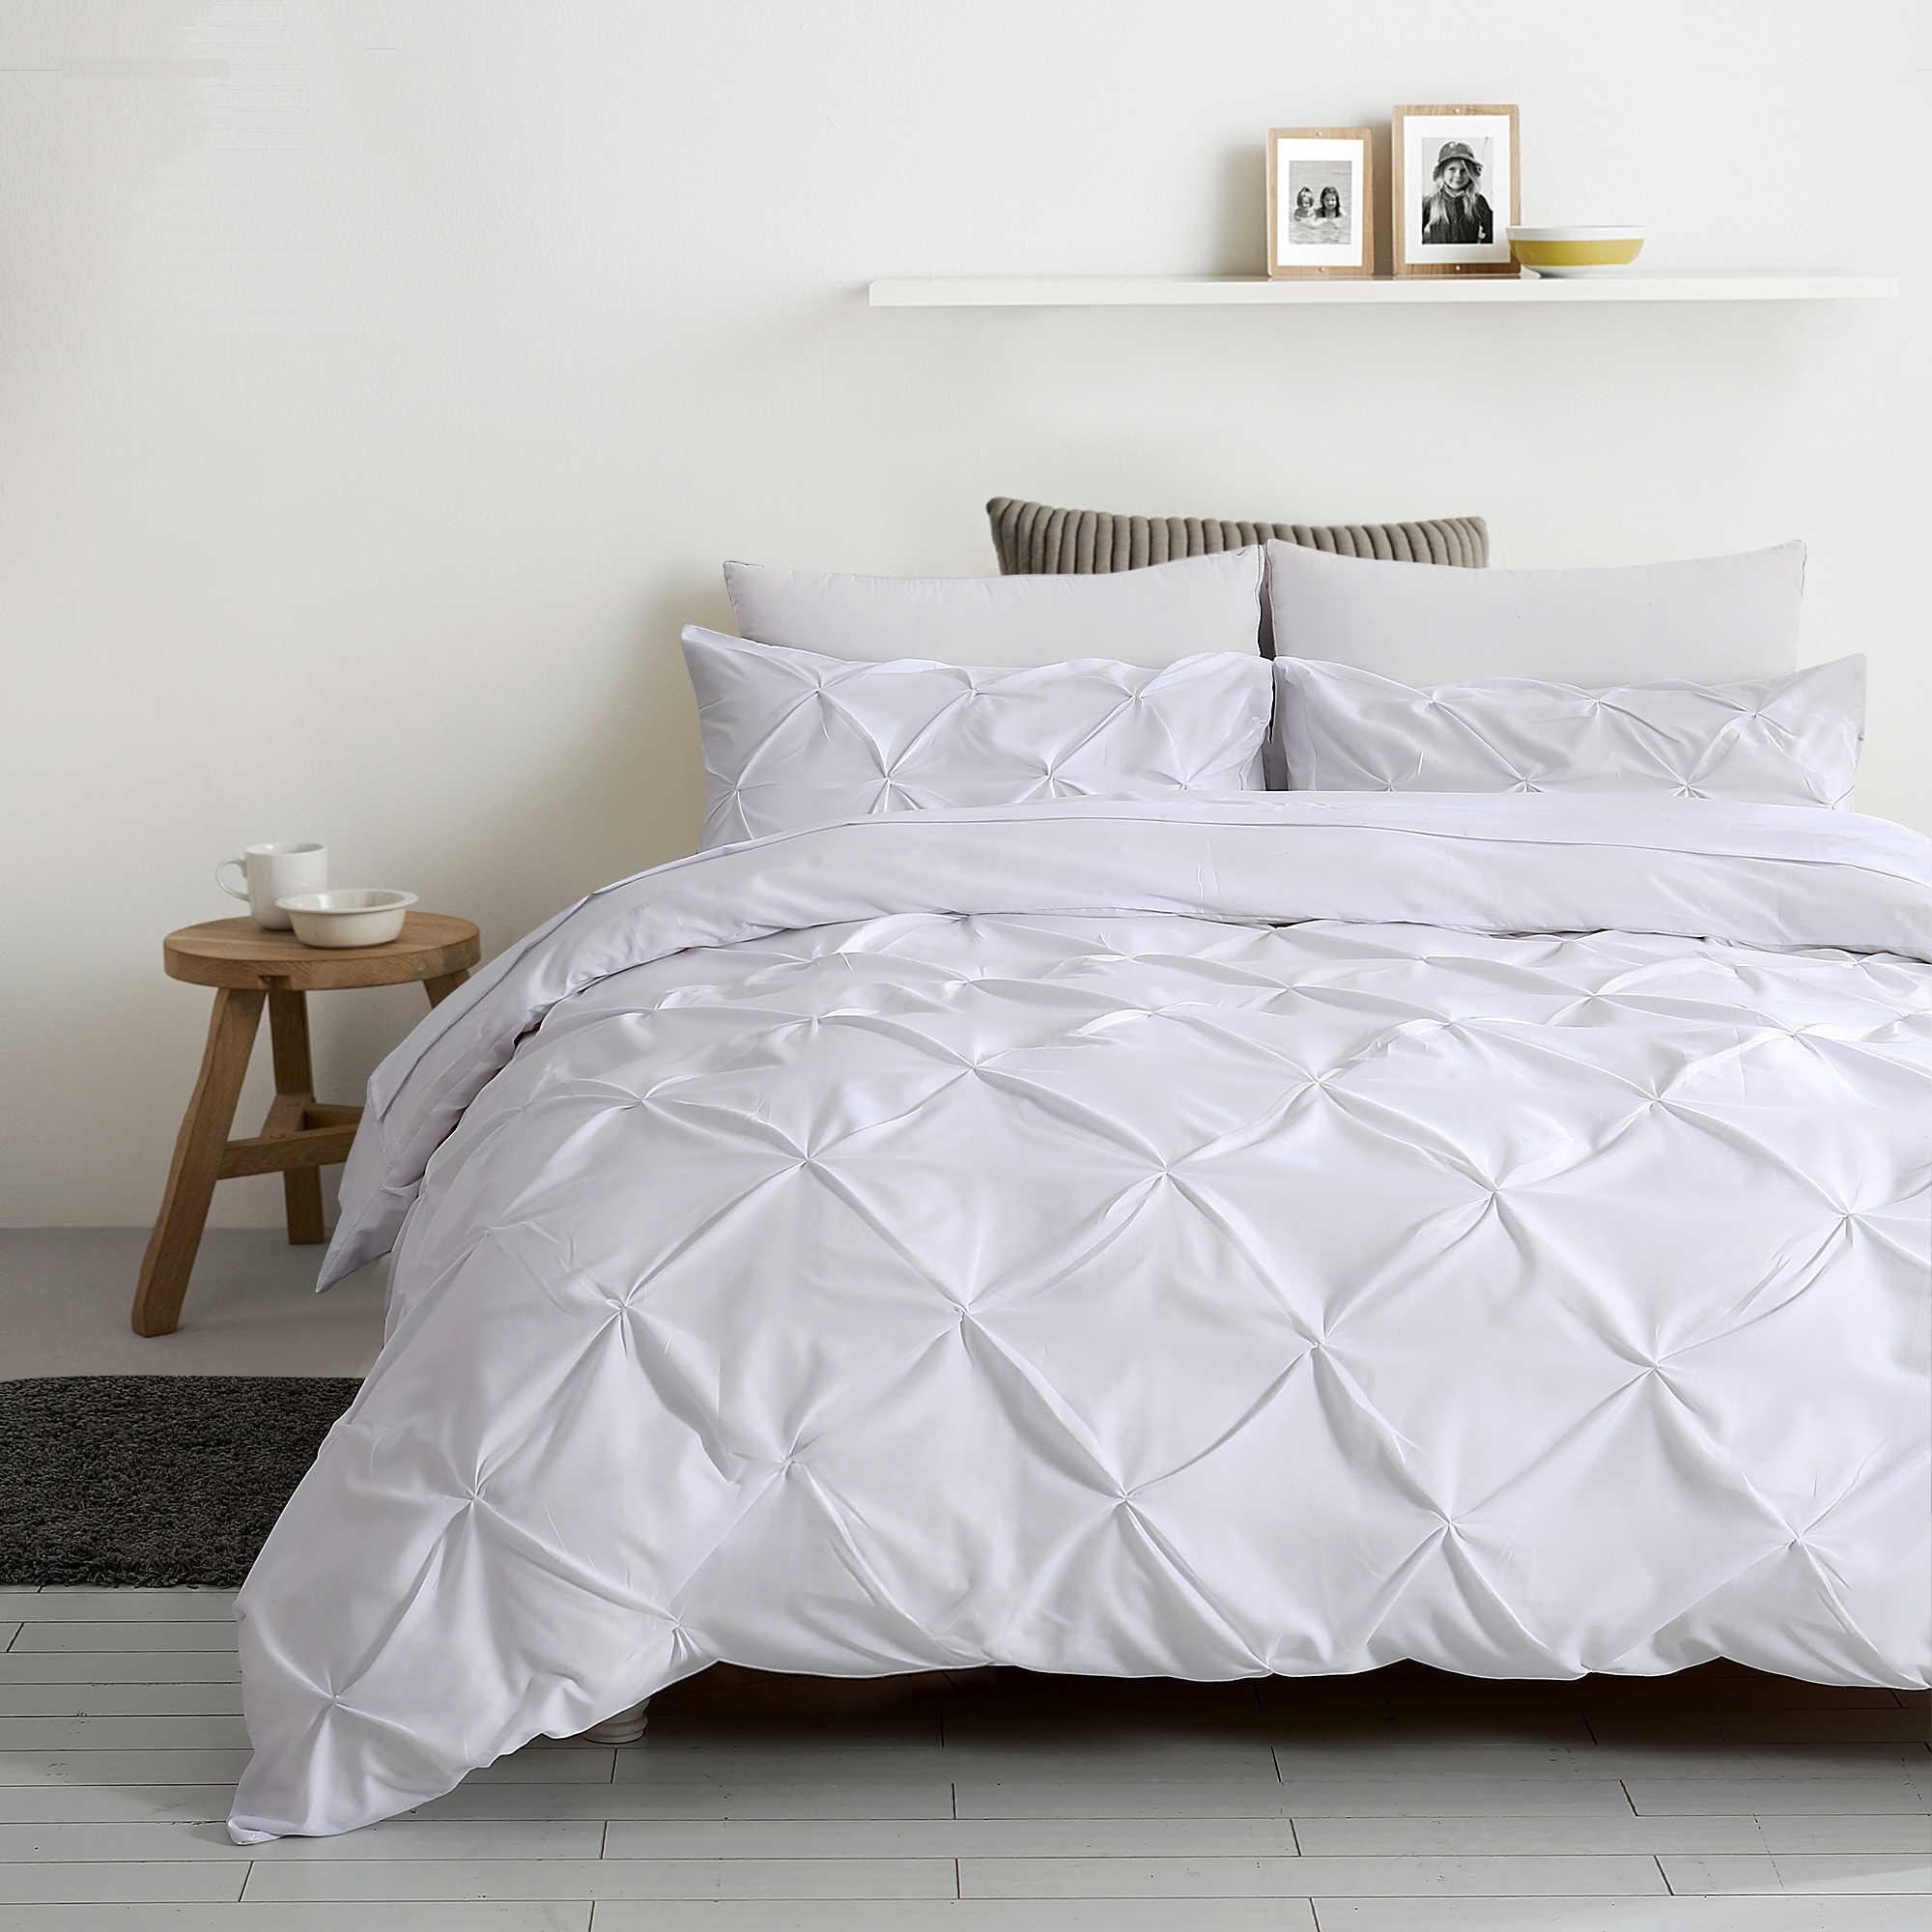 Эластичный пинч плиссированный стиль Новый Модный Королева и король off Белый Серый 3 шт. набор пододеяльников для пуховых одеял с застежкой-молнией комплекты постельного белья